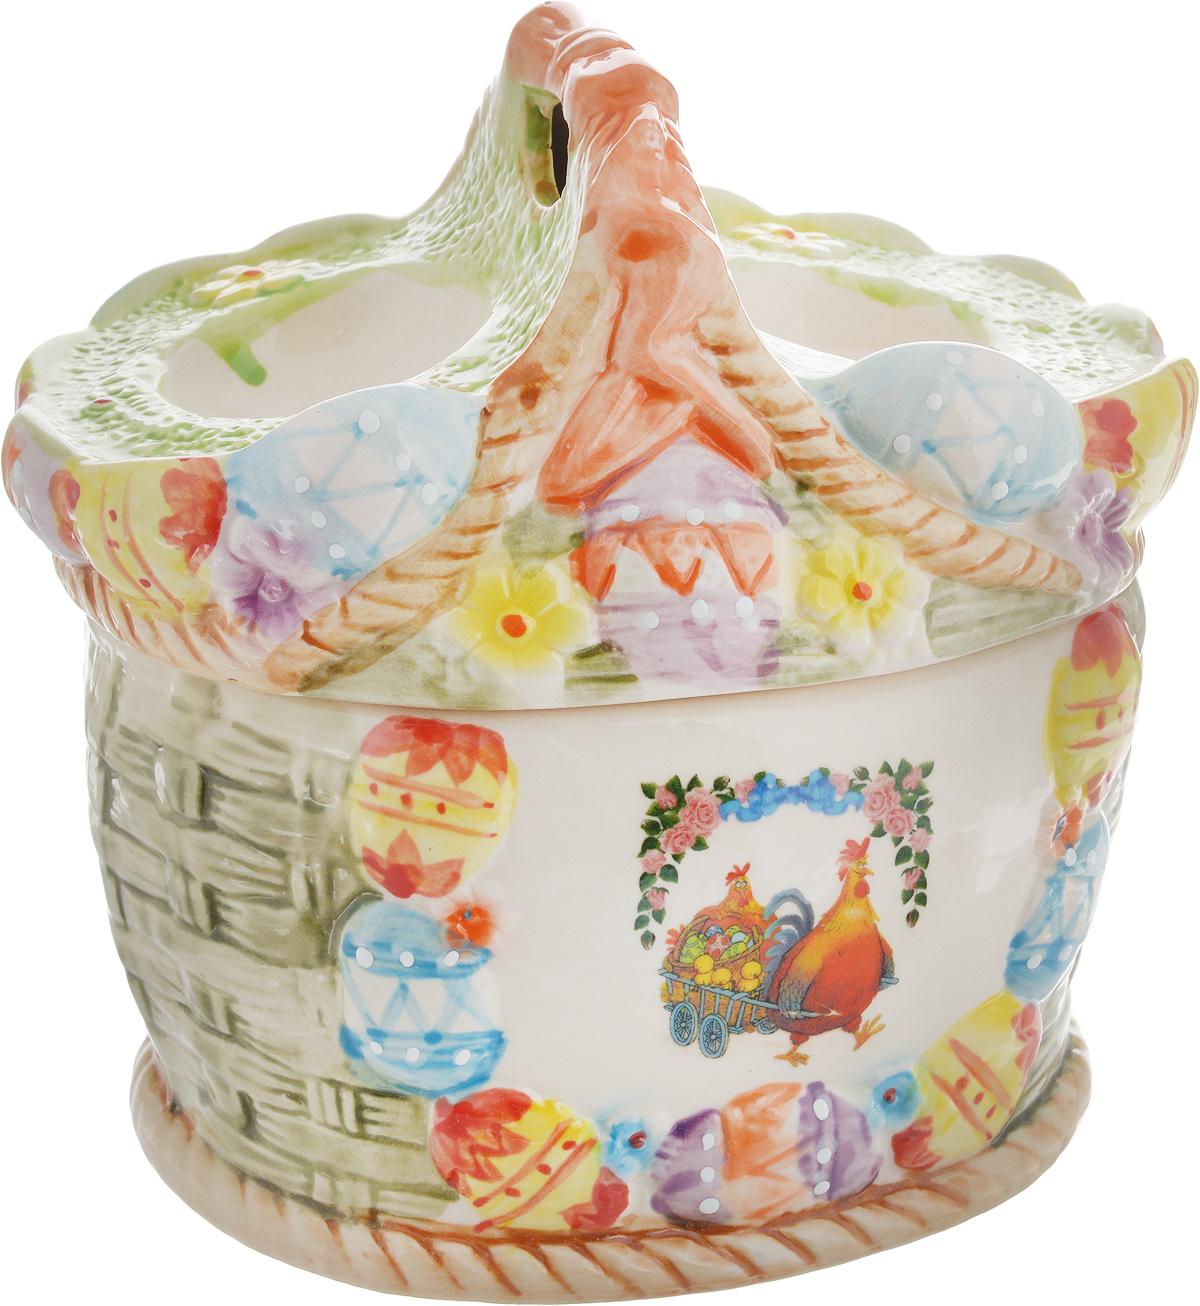 Ваза Win Max, для пасхальных яиц и угощений, 14 х 16 х 13 см14026Ваза Win Max изготовлена из высококачественной керамики с глазурованным покрытием и оформлена рельефным рисунком. Изделие дополнено крышкой, на которой расположены подставки для яиц. Крышка дополнена ручкой. Оригинальный дизайн украсит интерьер вашей кухни, а функциональность порадует любую хозяйку. Размеры емкости (без учета крышки): 15 х 12,5 х 9 см Высота крышки: 8,5 см